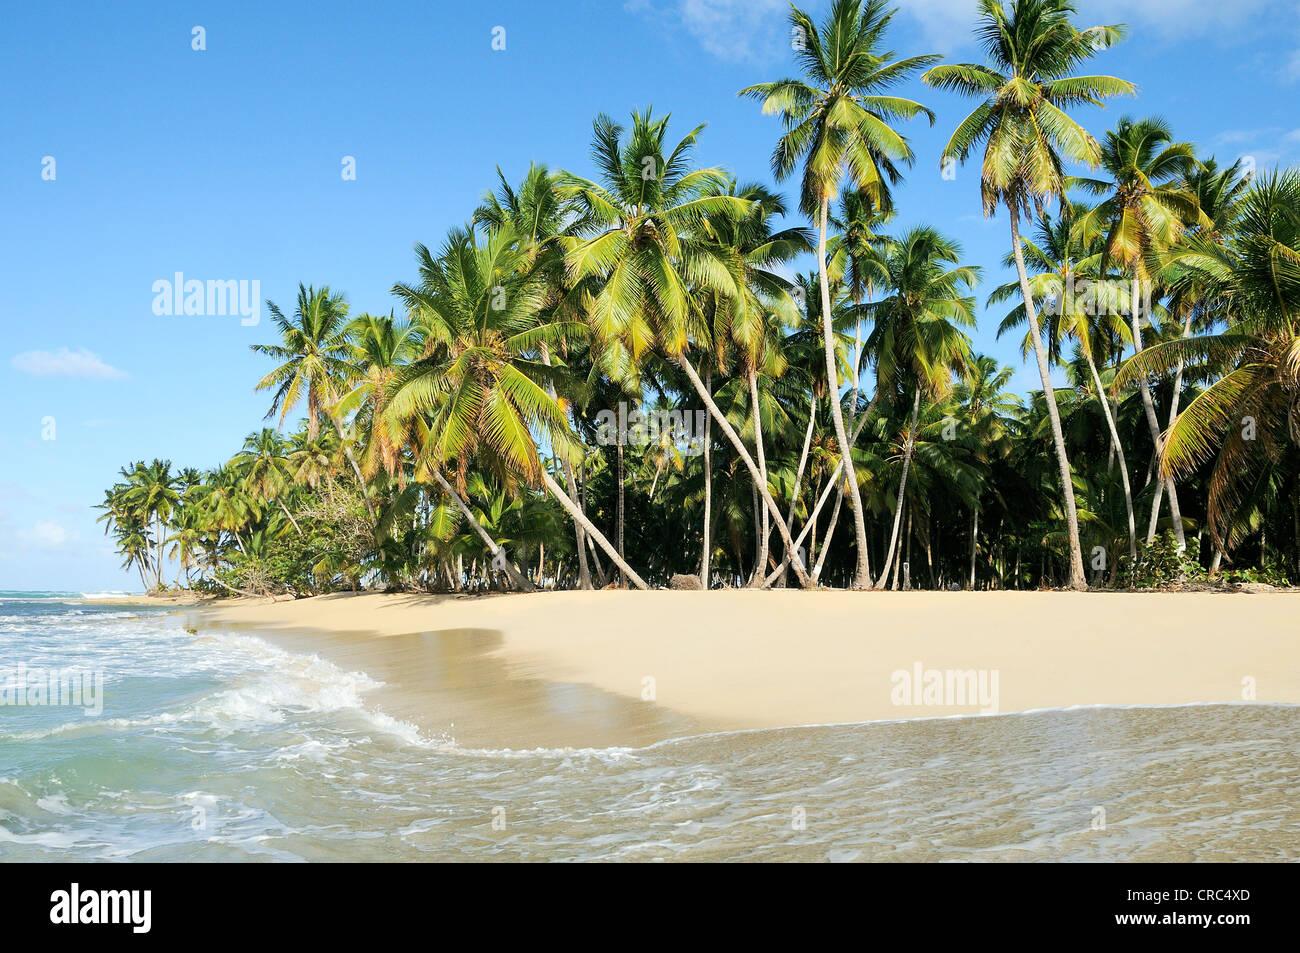 Kokospalmen, angeordnet auf einer zufälligen Reihenfolge gegen den blauen Himmel Stockbild